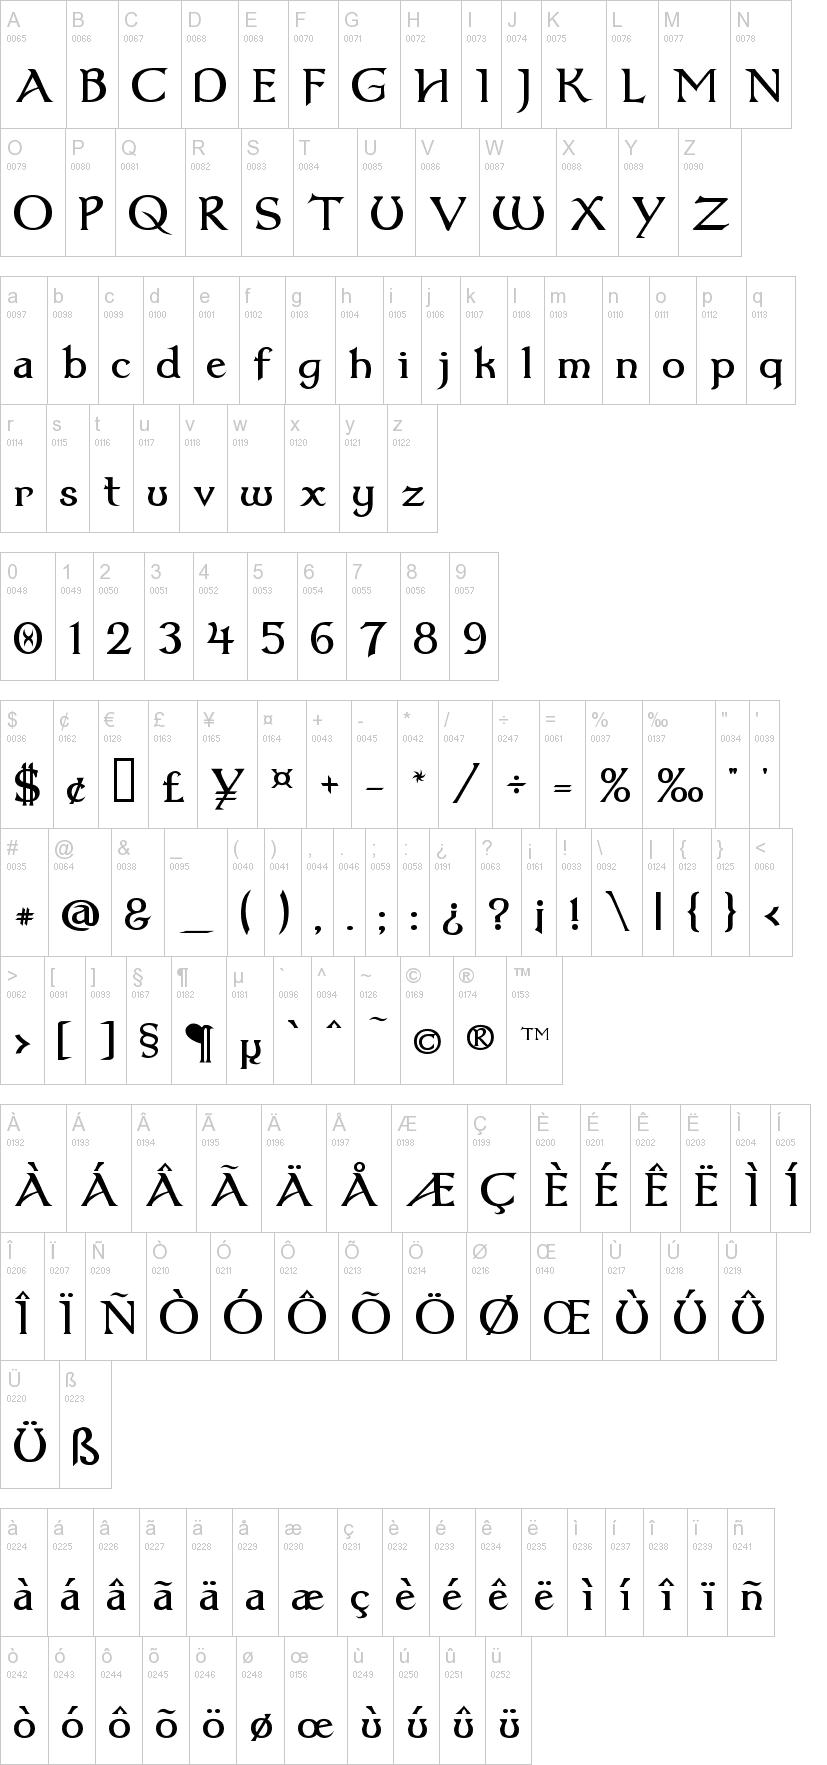 Dumbledor Font | dafont com | Menagirie of Typography Fonts